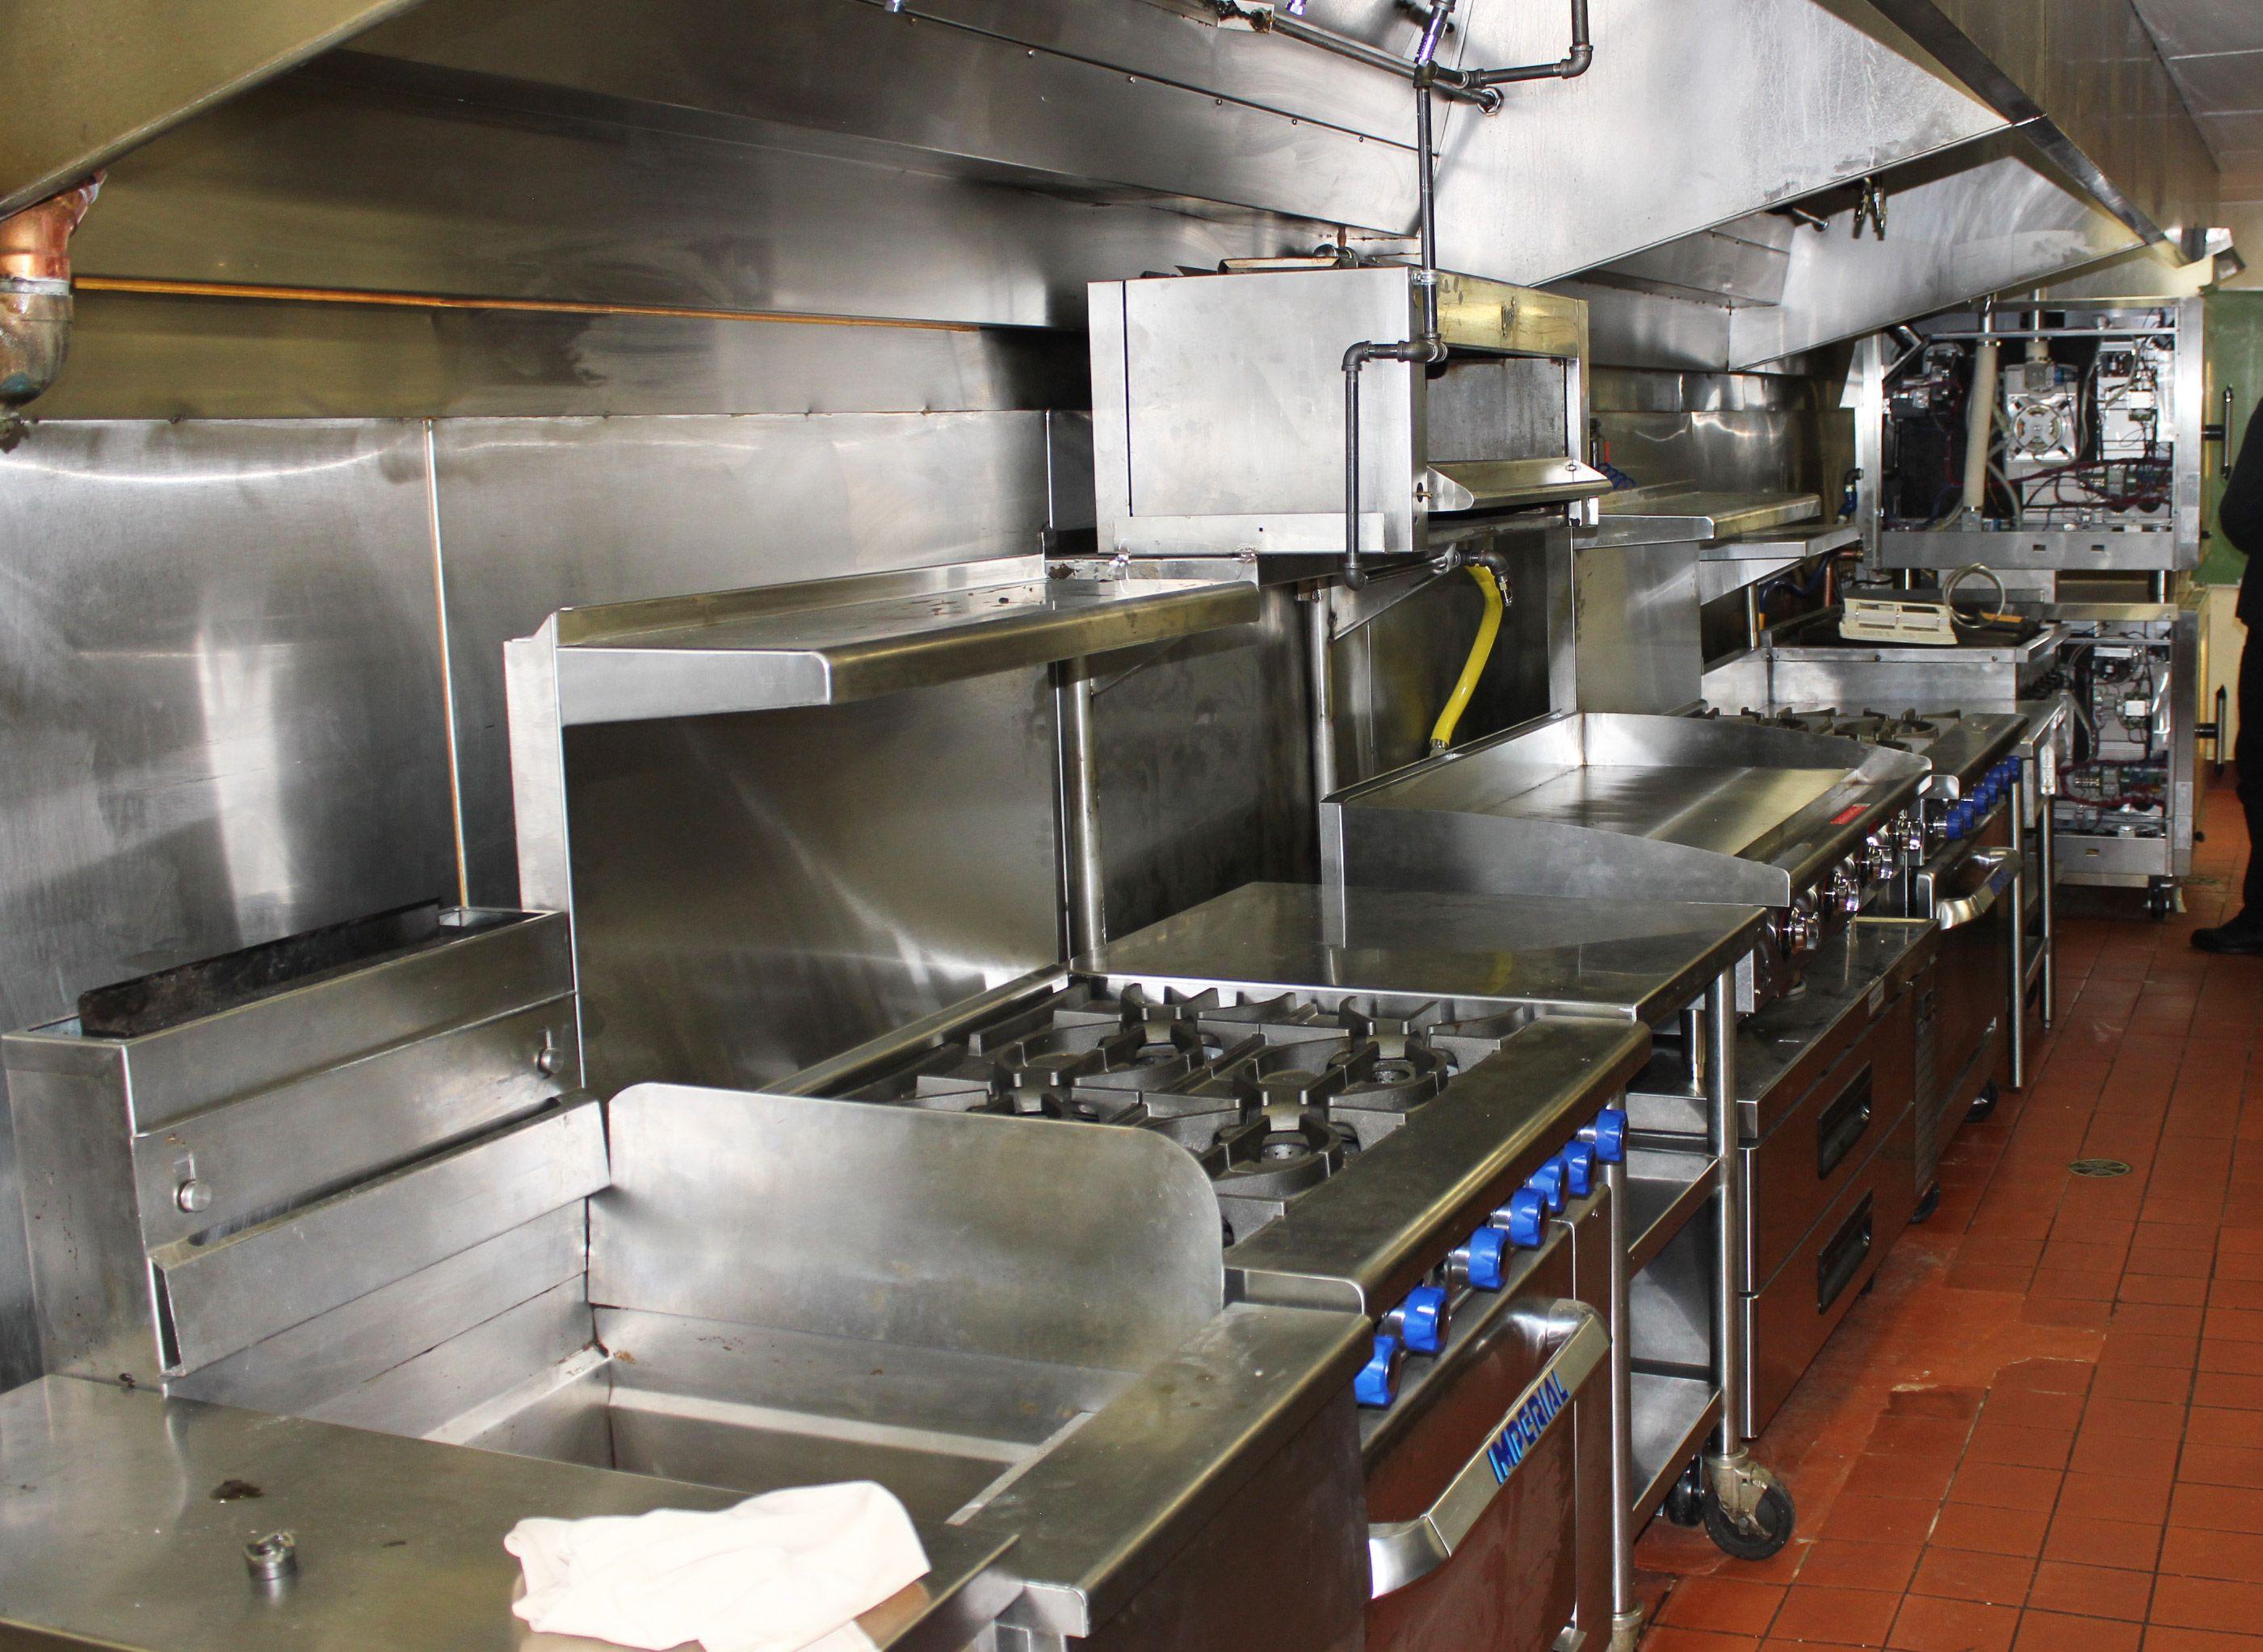 Installing #RestaurantEquipment @PinnacleVan  #ImperialRange #BlueAirRefrigeration #AltoShaamOven #StarMFG